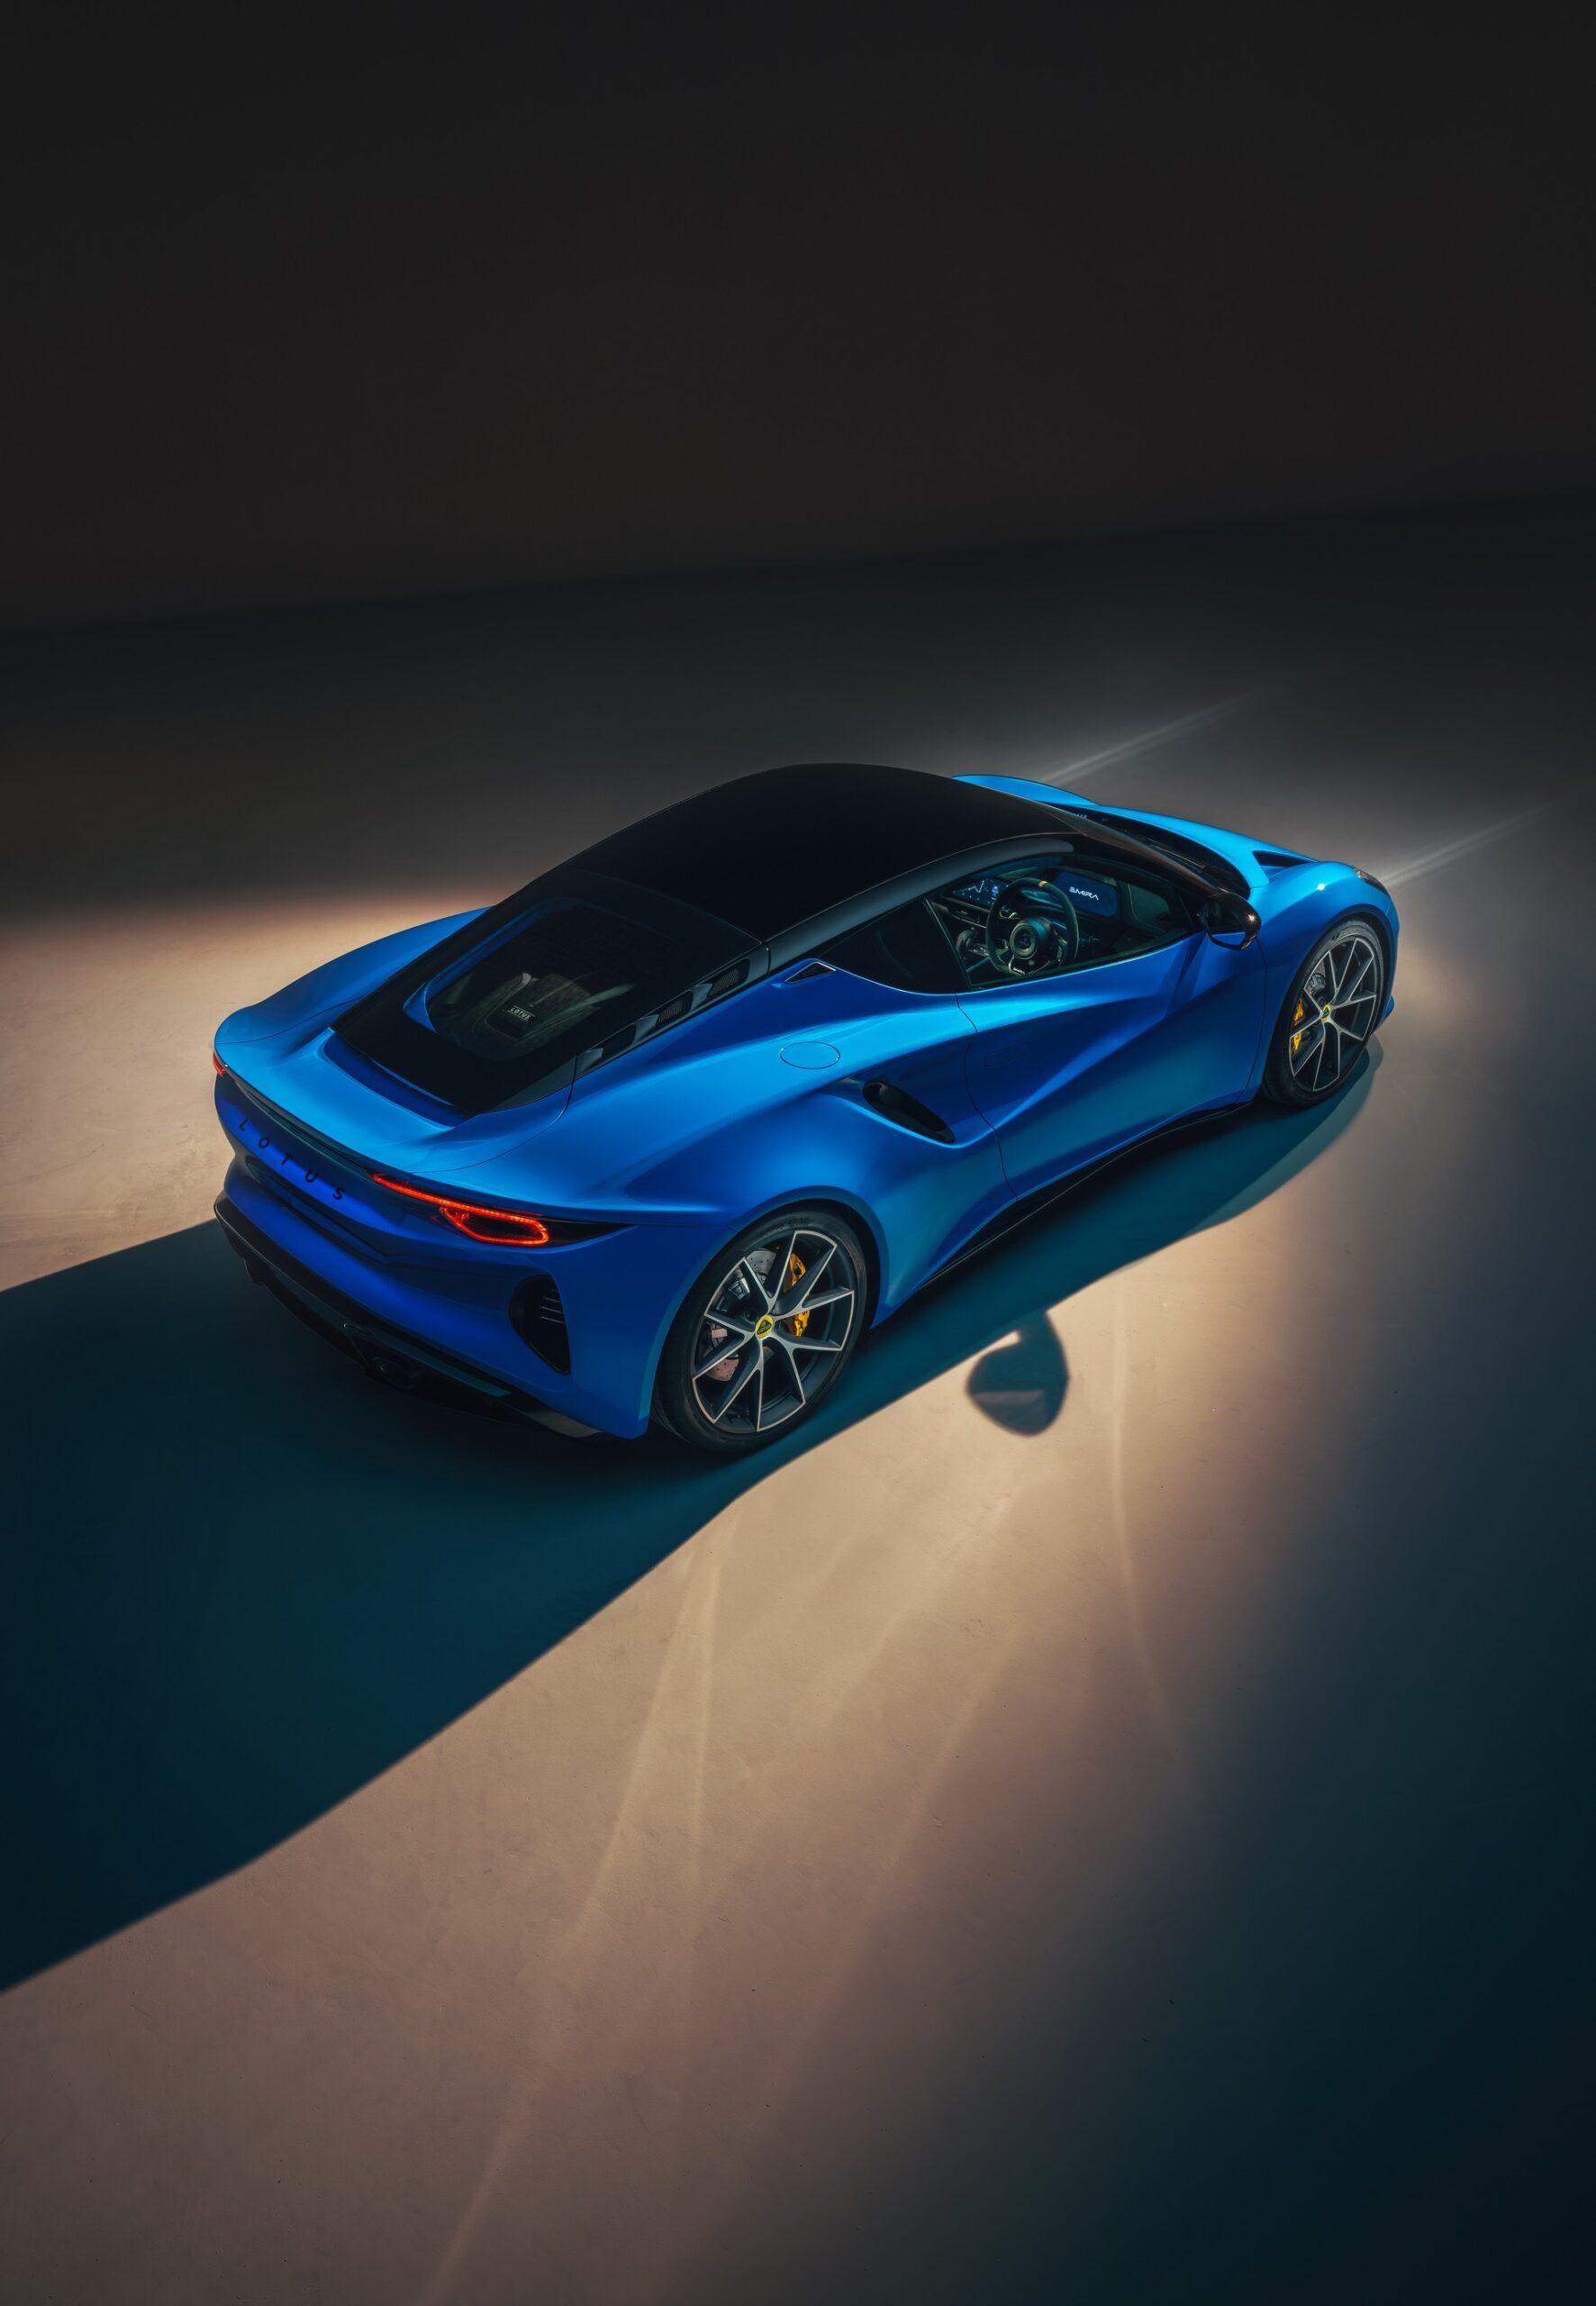 Lotus Emira First Edition trafia na rynek USA z ceną 94 tysięcy dolarów